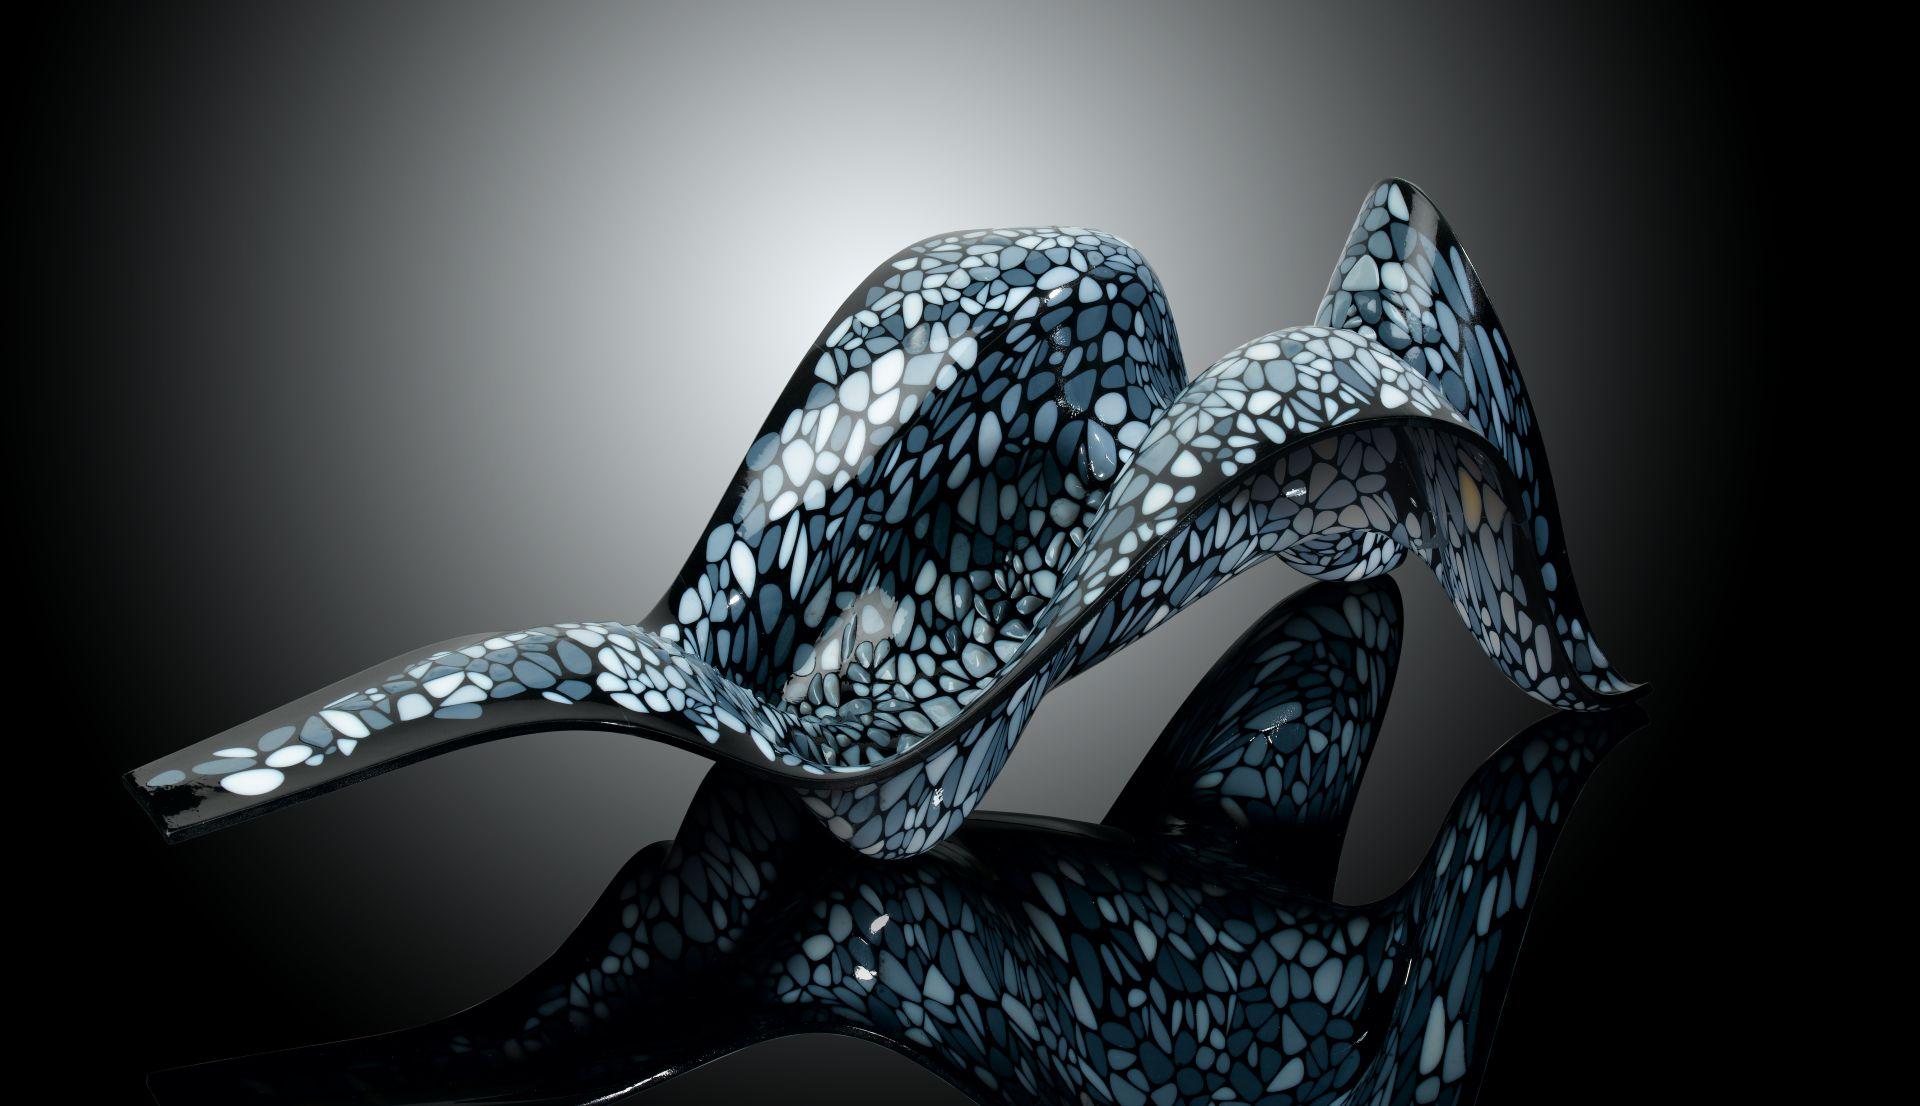 Αποτέλεσμα εικόνας για MULTI-MATERIAL 3D PRINTING